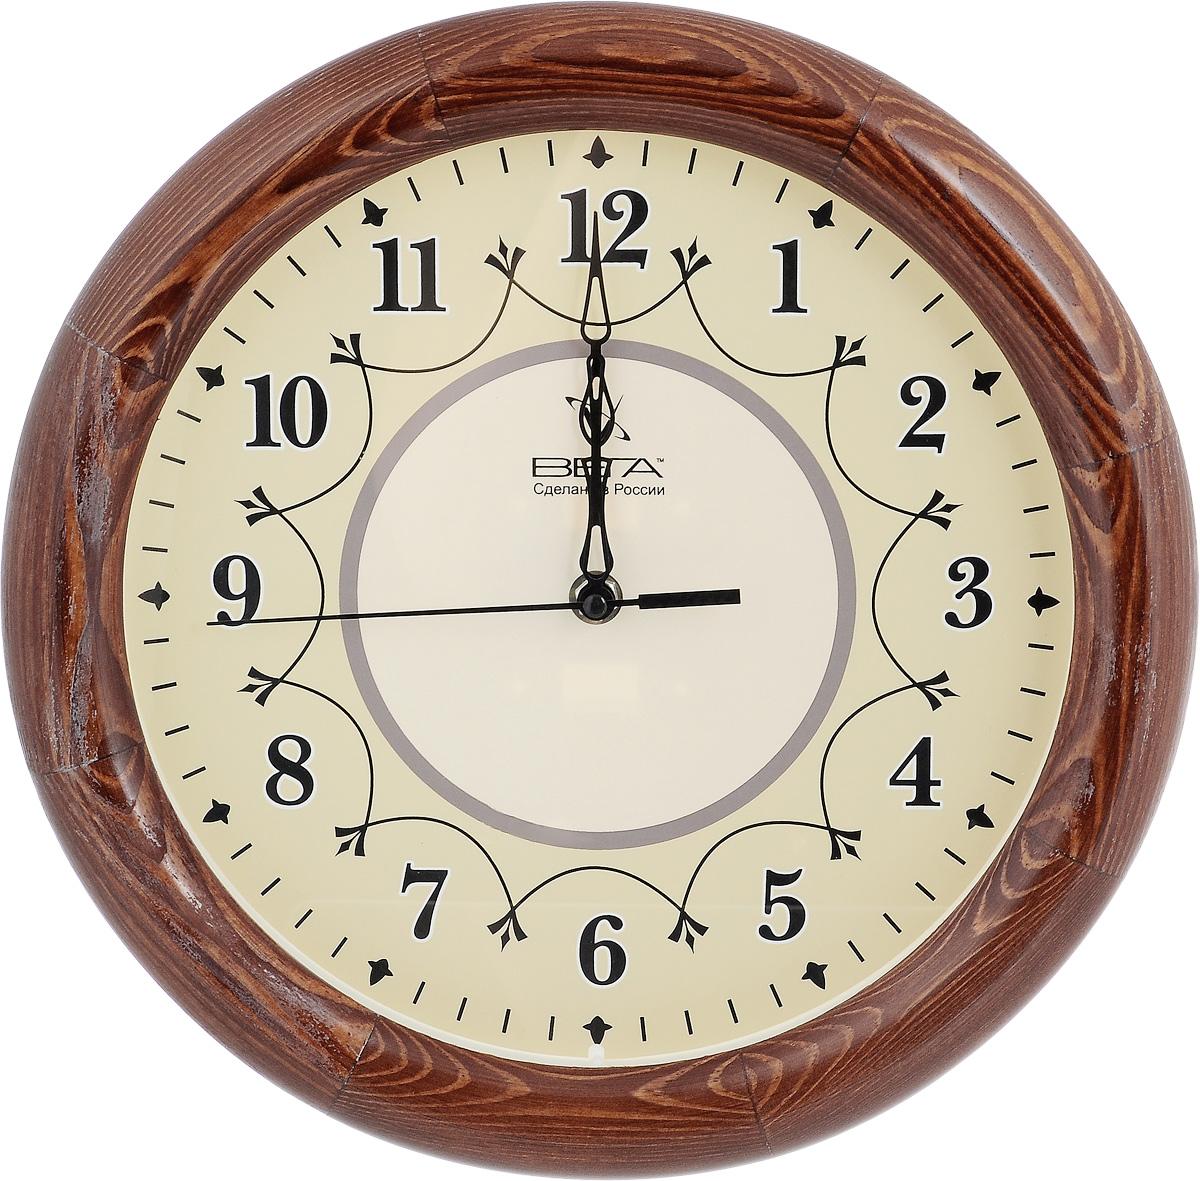 Часы настенные Вега Классика, диаметр 30 см. Д1КД/7TL-C5011Настенные кварцевые часы Вега Классика, изготовленные из дерева, прекрасно впишутся в интерьер вашего дома. Часы имеют три стрелки: часовую, минутную и секундную, циферблат защищен прозрачным стеклом. Часы работают от 1 батарейки типа АА напряжением 1,5 В (не входит в комплект).Диаметр часов: 30 см.